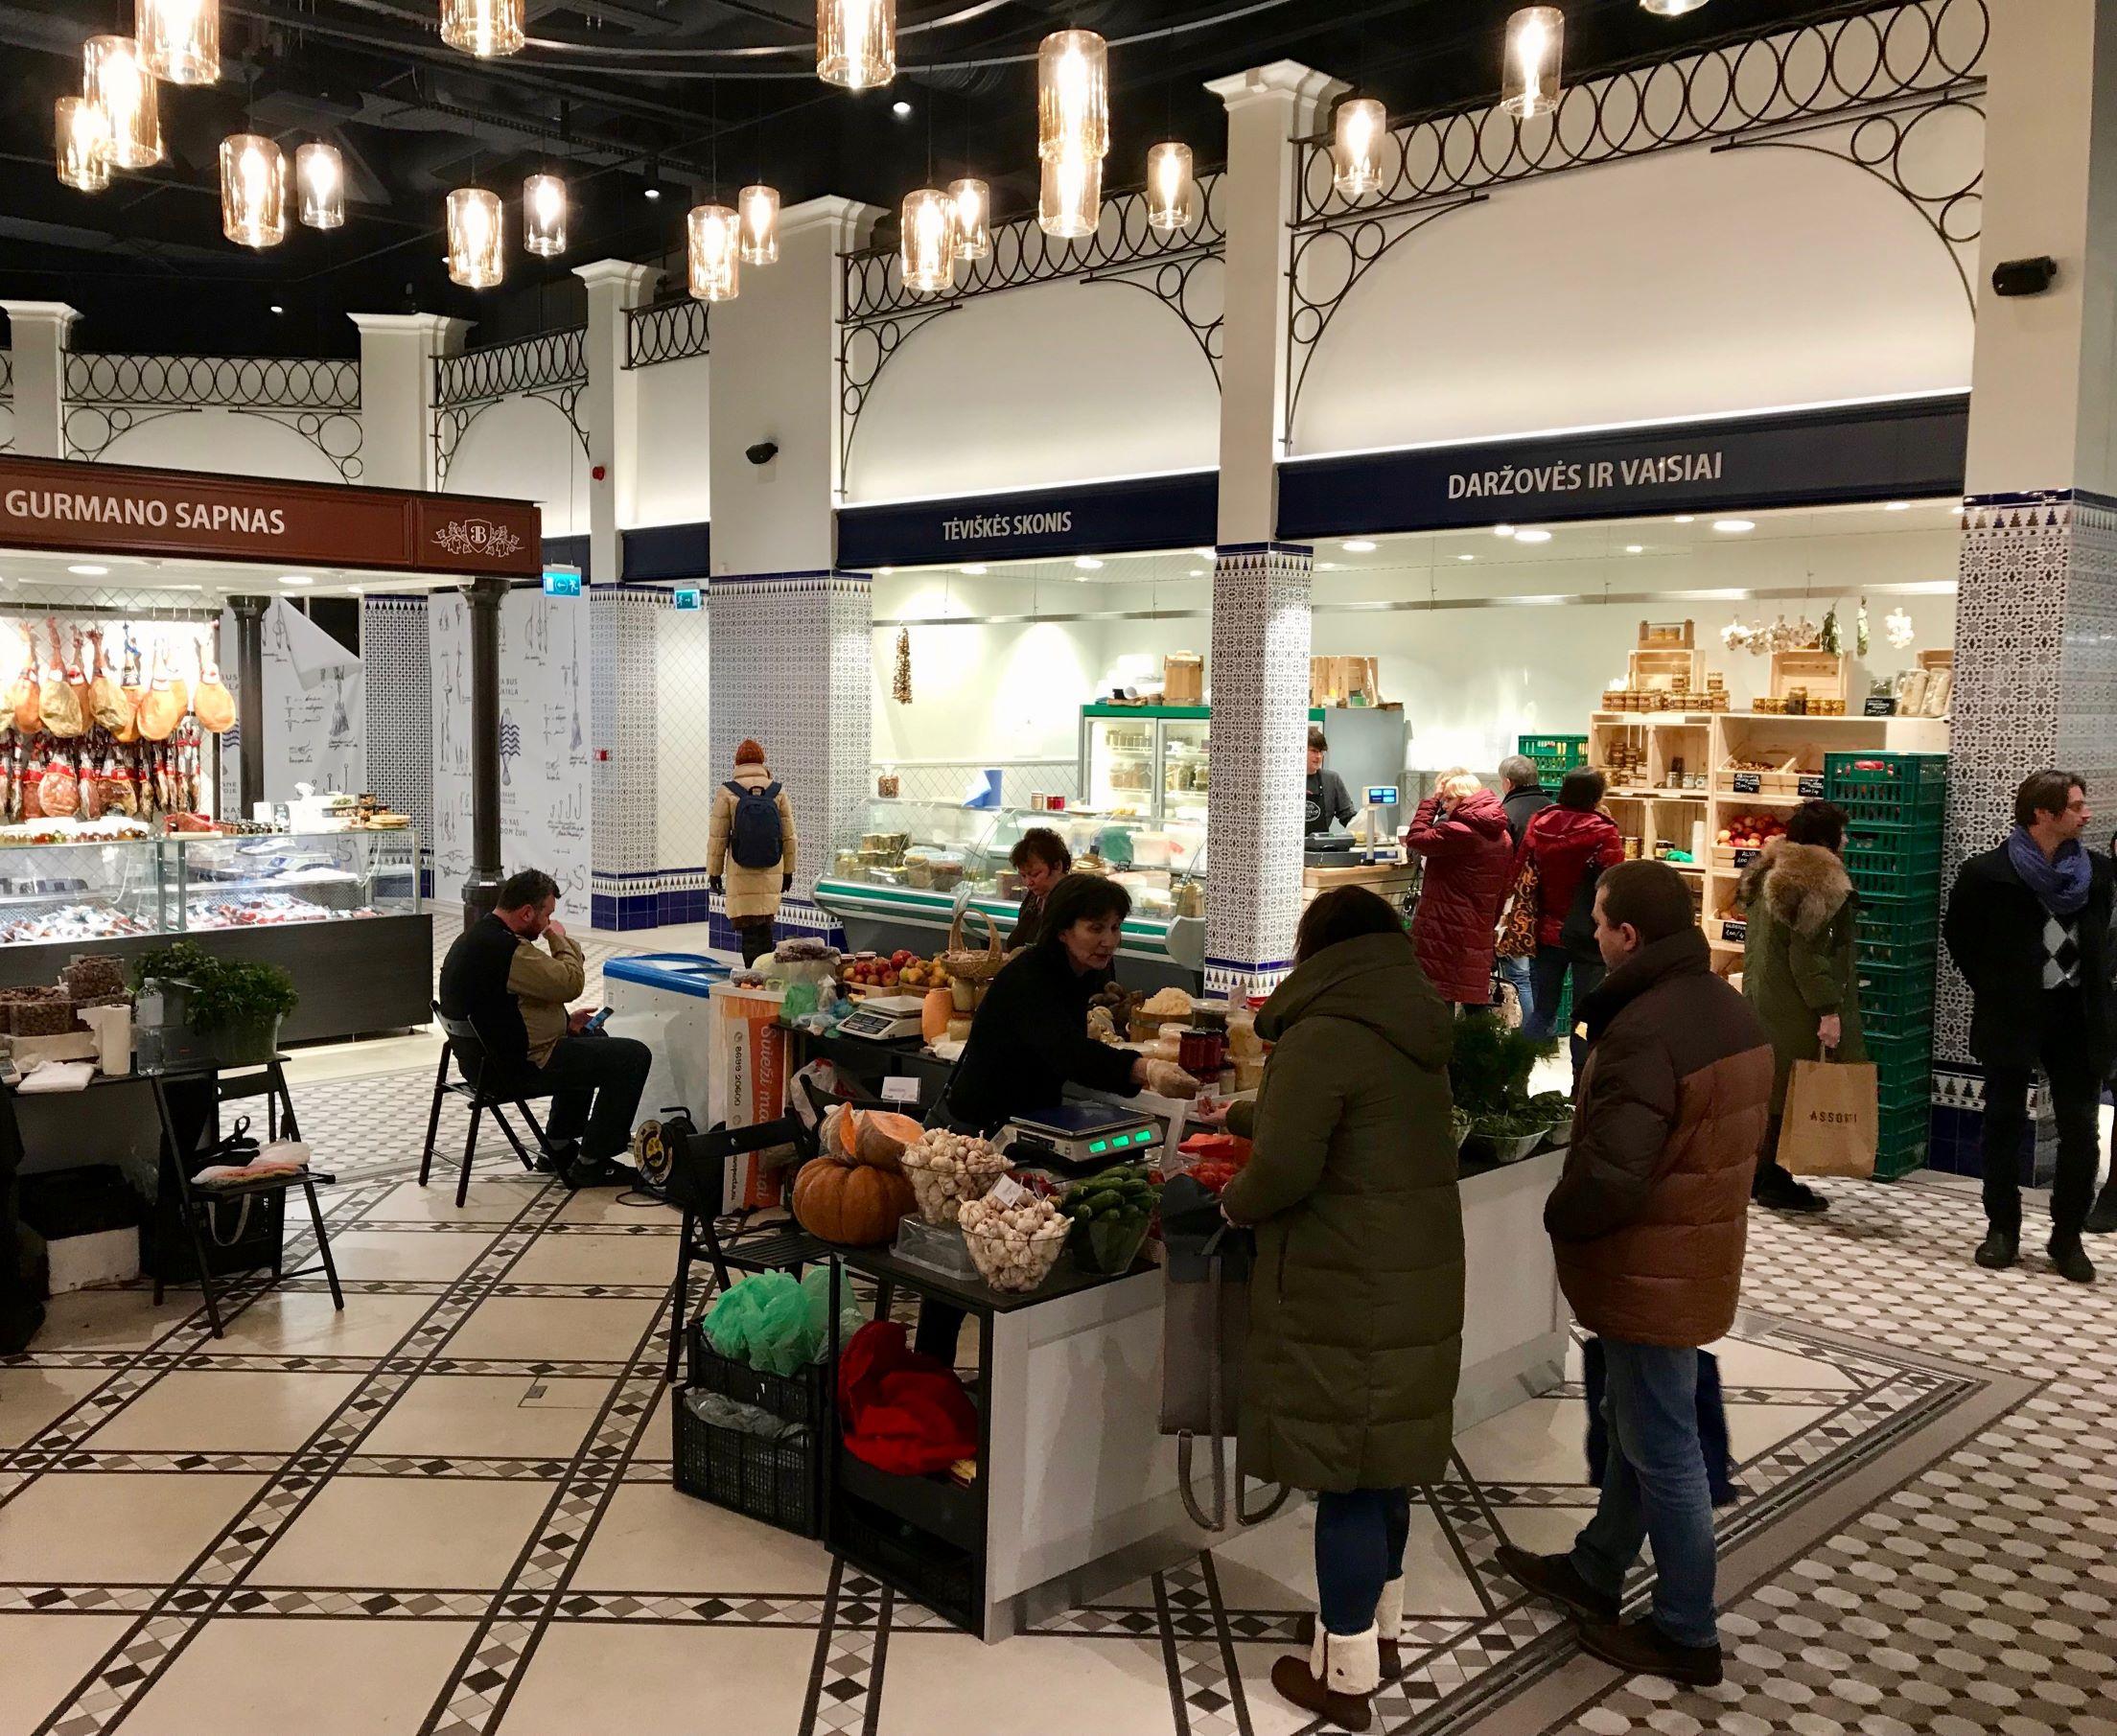 Benedikto Market in Vilnius